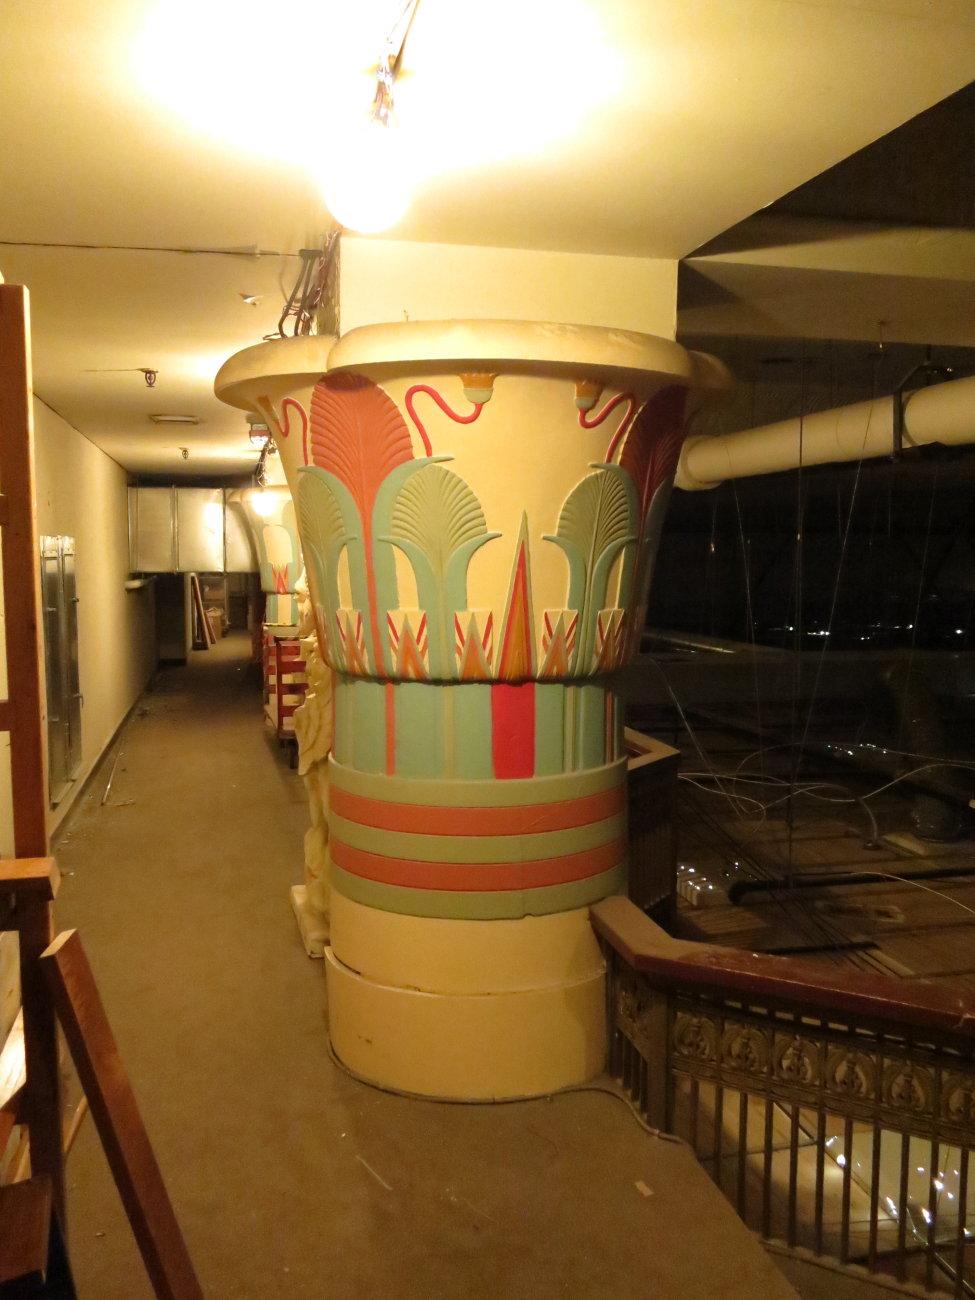 The Wanamaker Organ #2